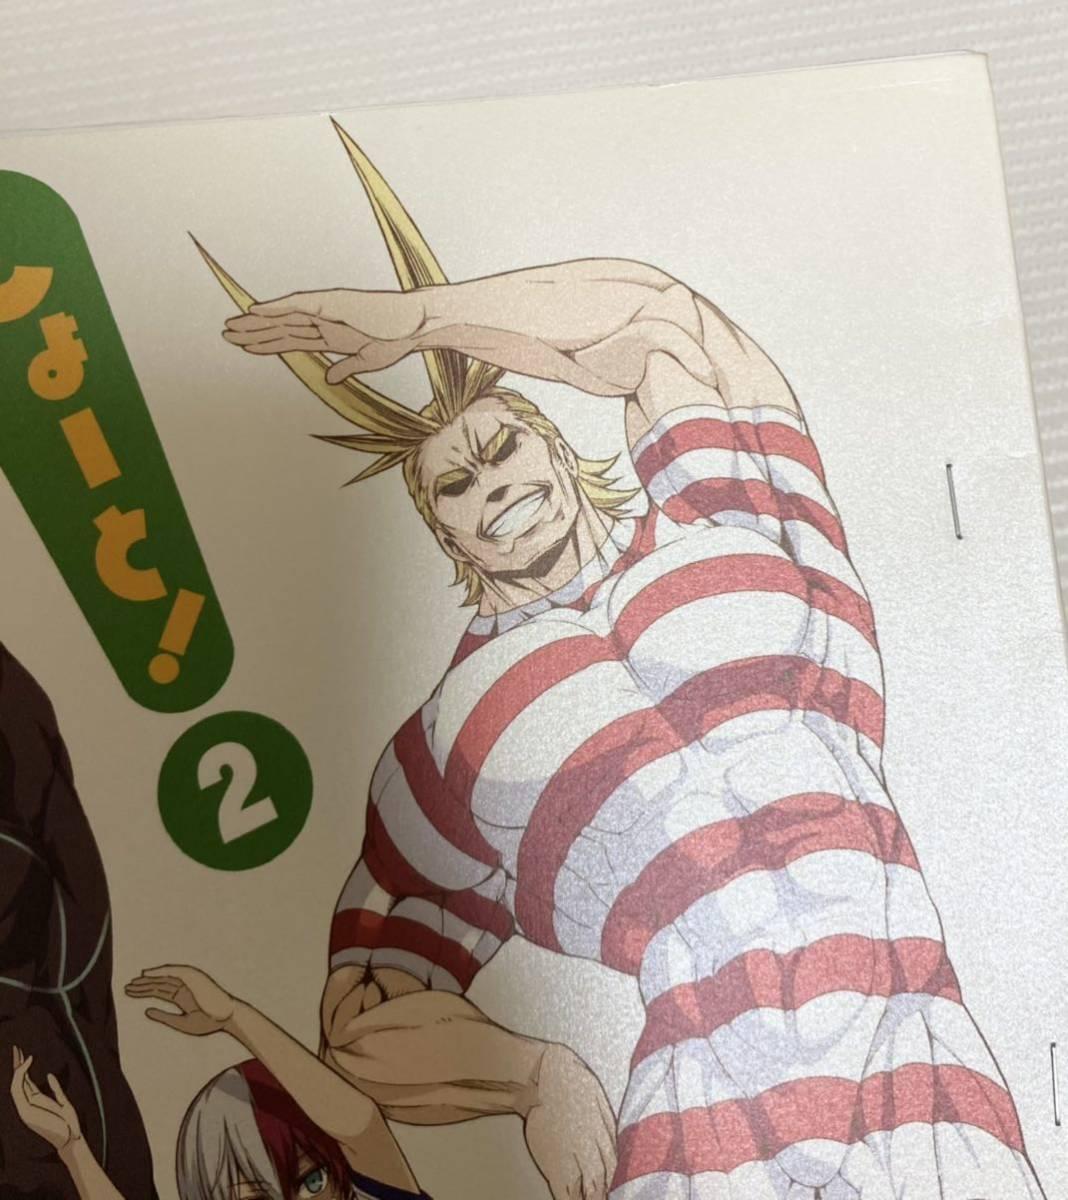 僕のヒーローアカデミア 同人誌 5冊セット 出勝 出轟 爆豪勝己 轟焦凍 受け 緑谷出久 ヒロアカ OMEGA-2 本 漫画